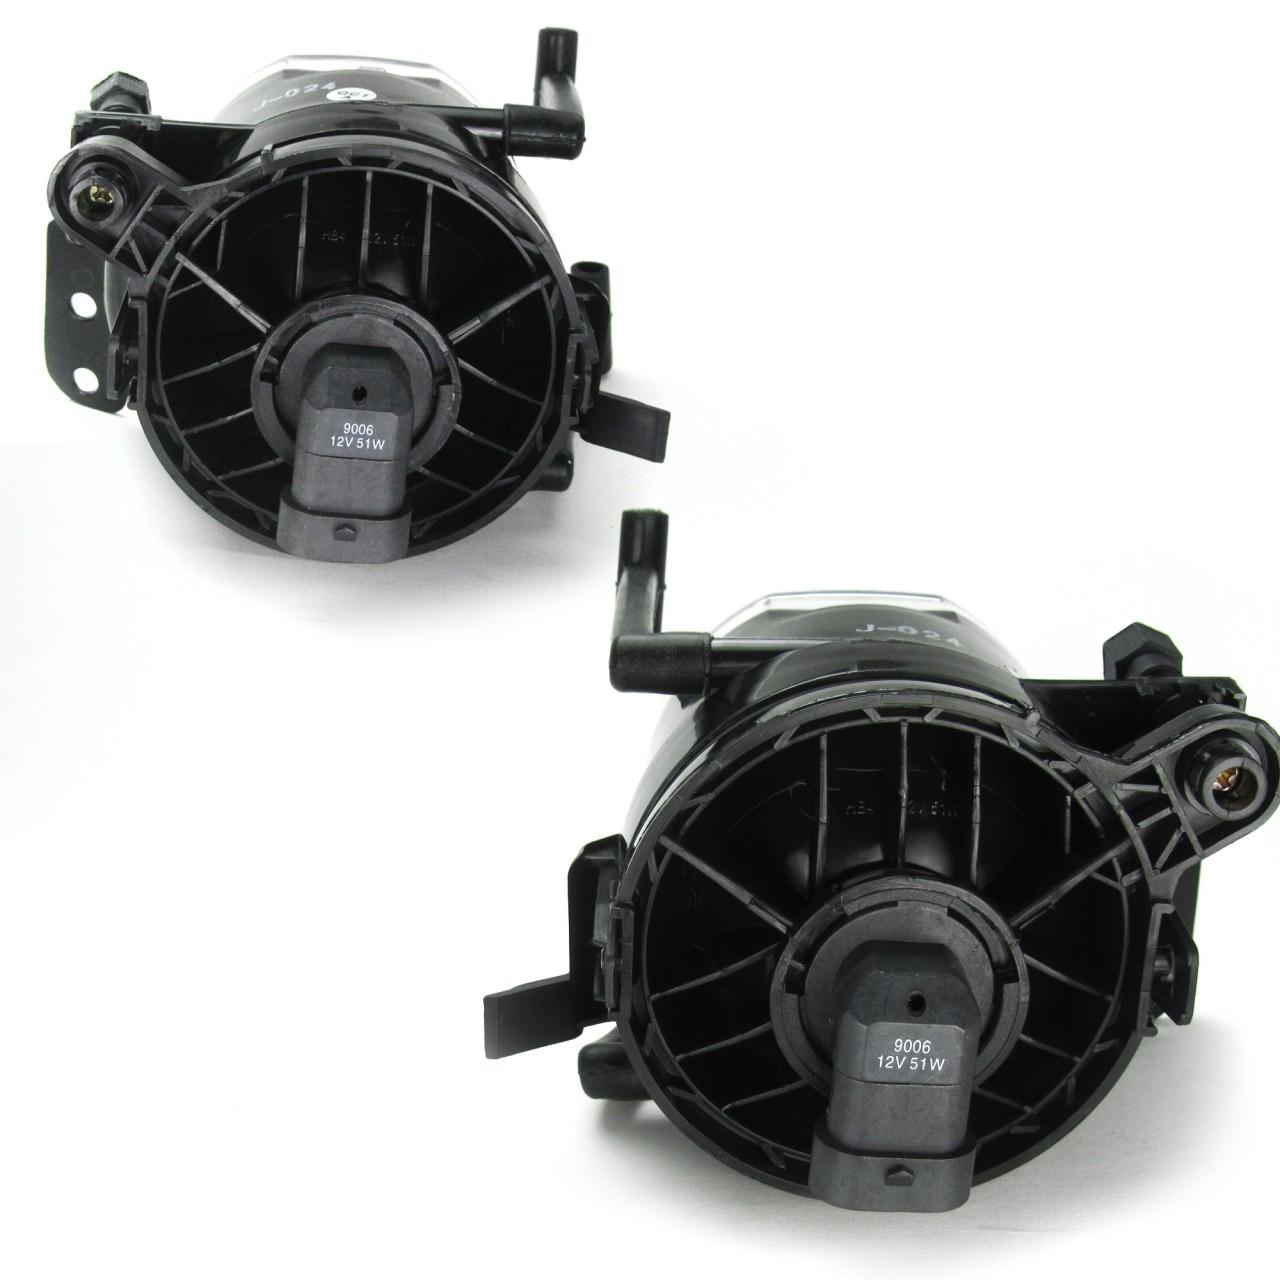 Proiector ceata BMW E90/E60/E61 03-07 clare